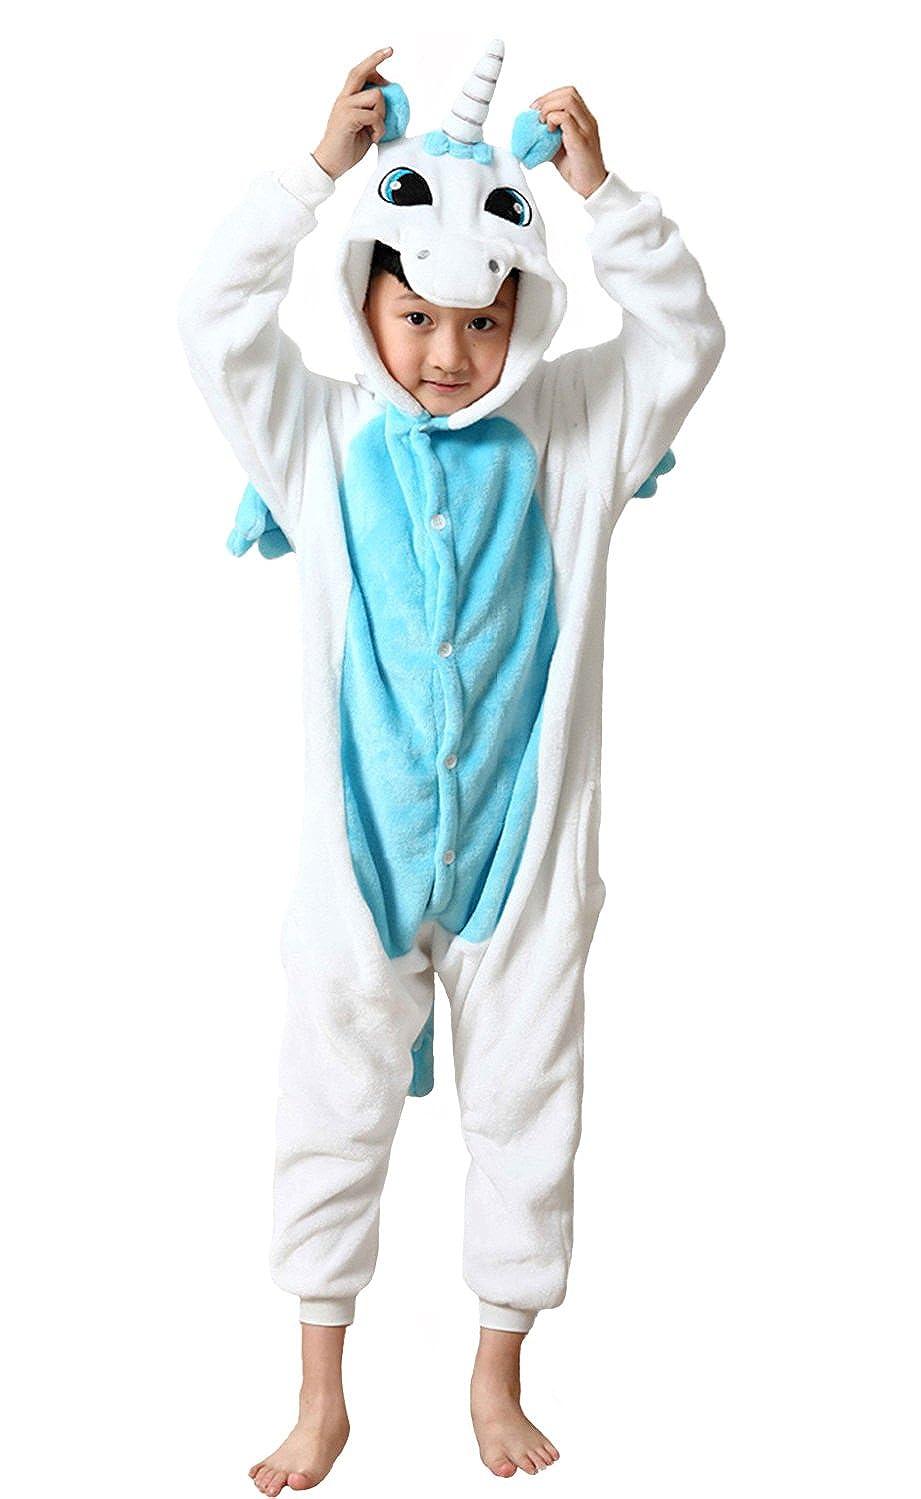 Kids Sleepsuit Unicorn Onesie Pajamas Cosplay Costumes Boys Girls Animal Outfit